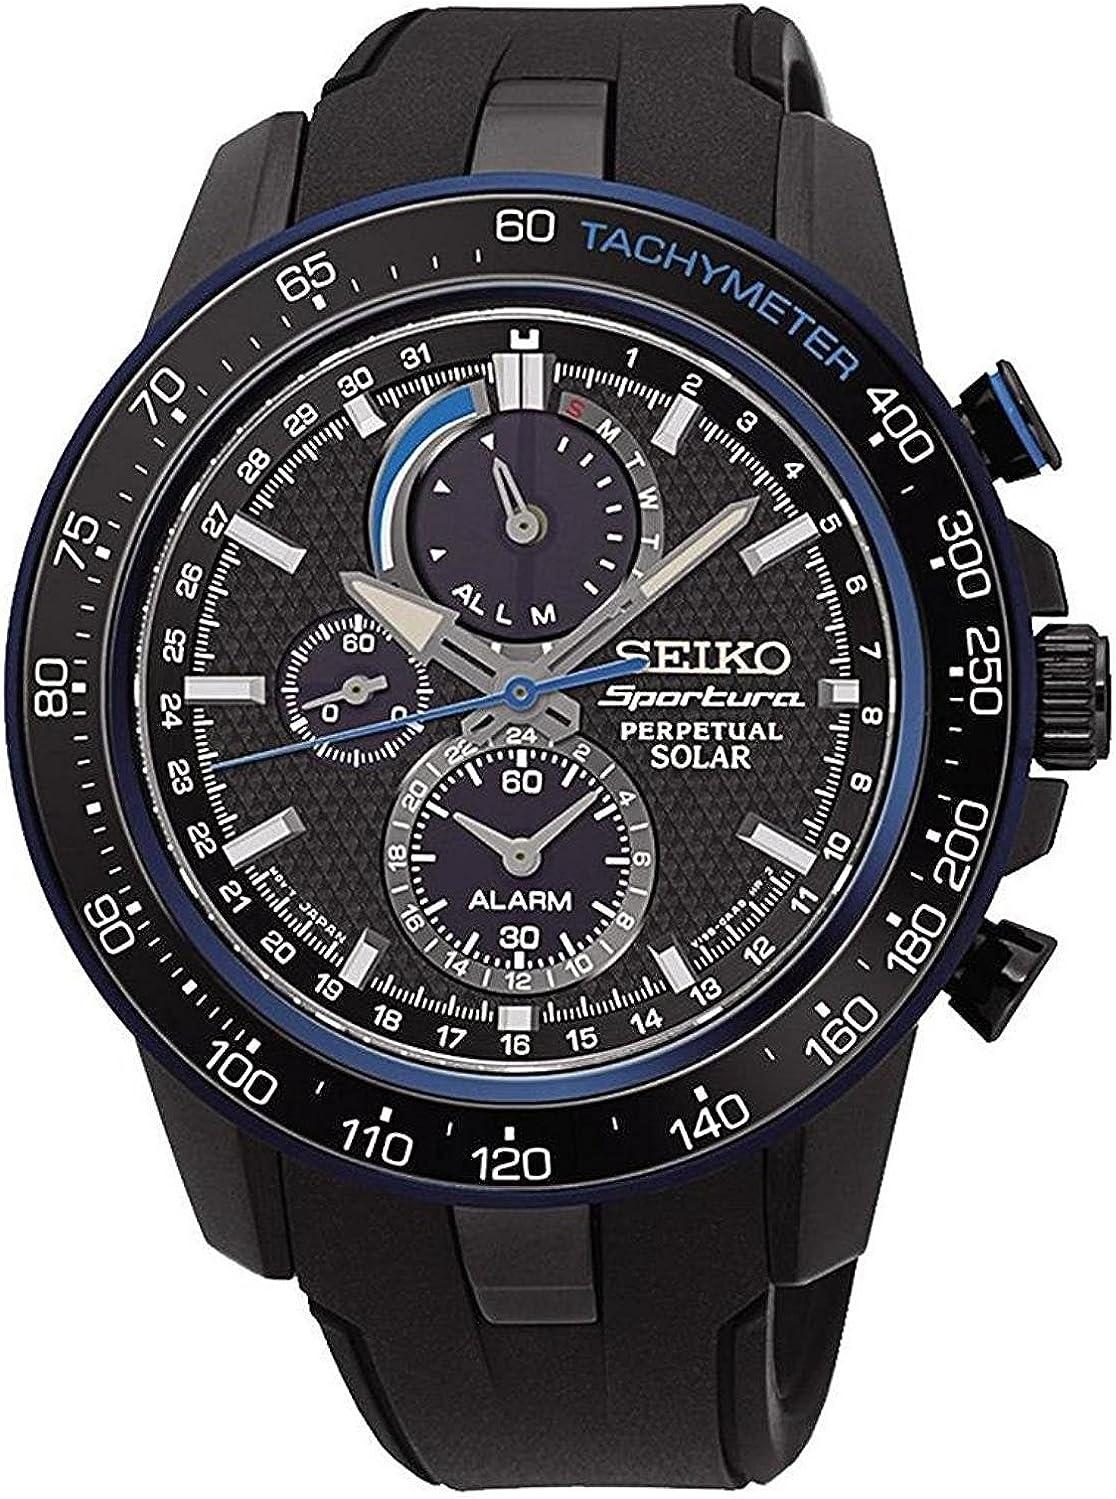 SeikoSSC429P1 –Reloj de Pulsera para Hombre, cronógrafo, Cuarzo, plástico